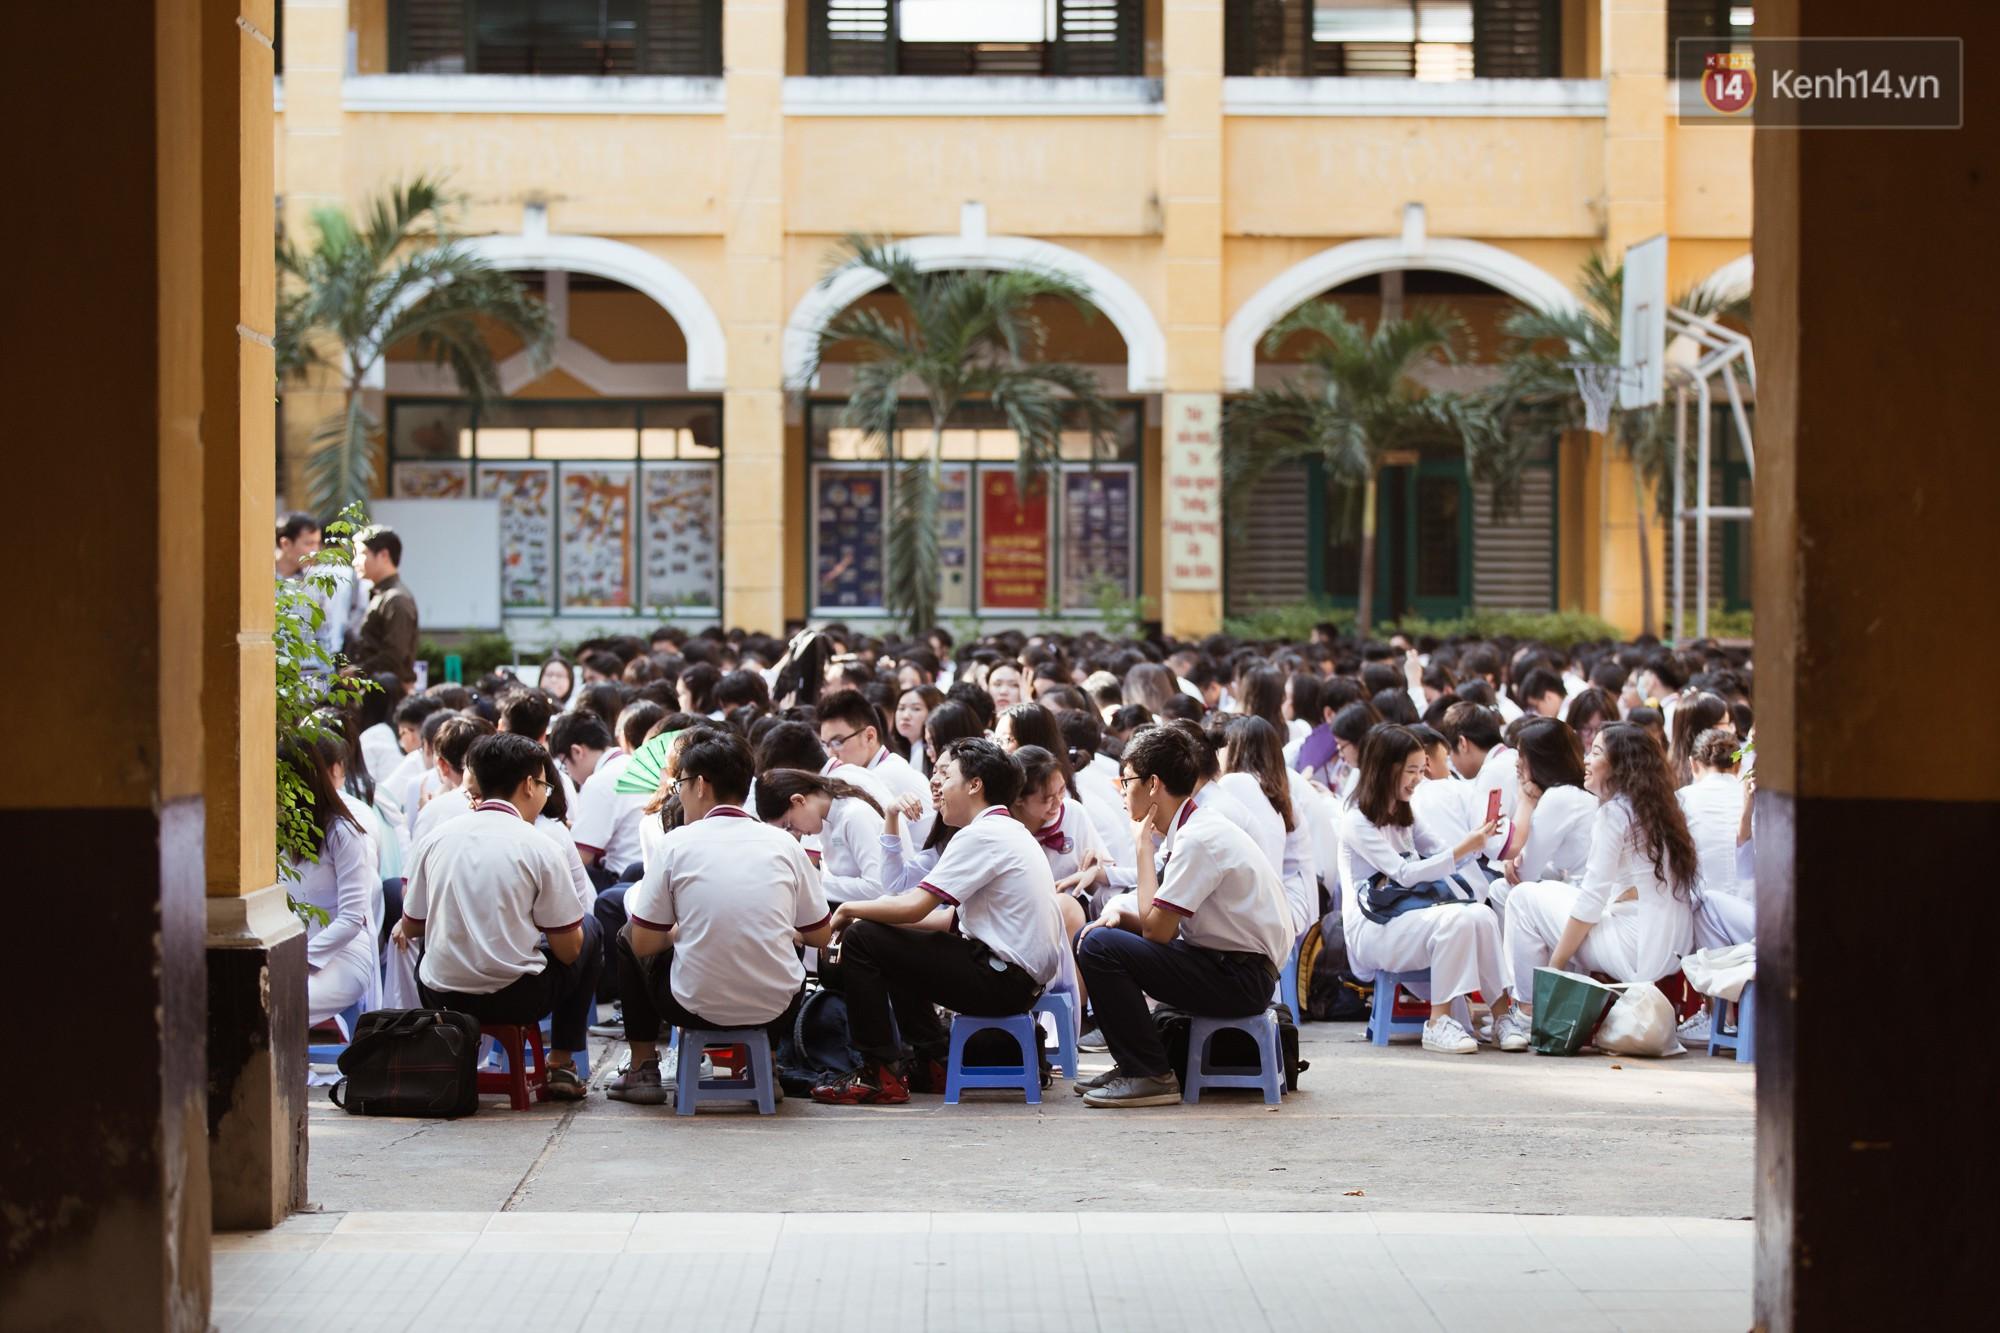 Lưu luyến trước nhan sắc trong veo đúng tuổi 18 của nữ sinh trường THPT Trưng Vương - Ảnh 11.